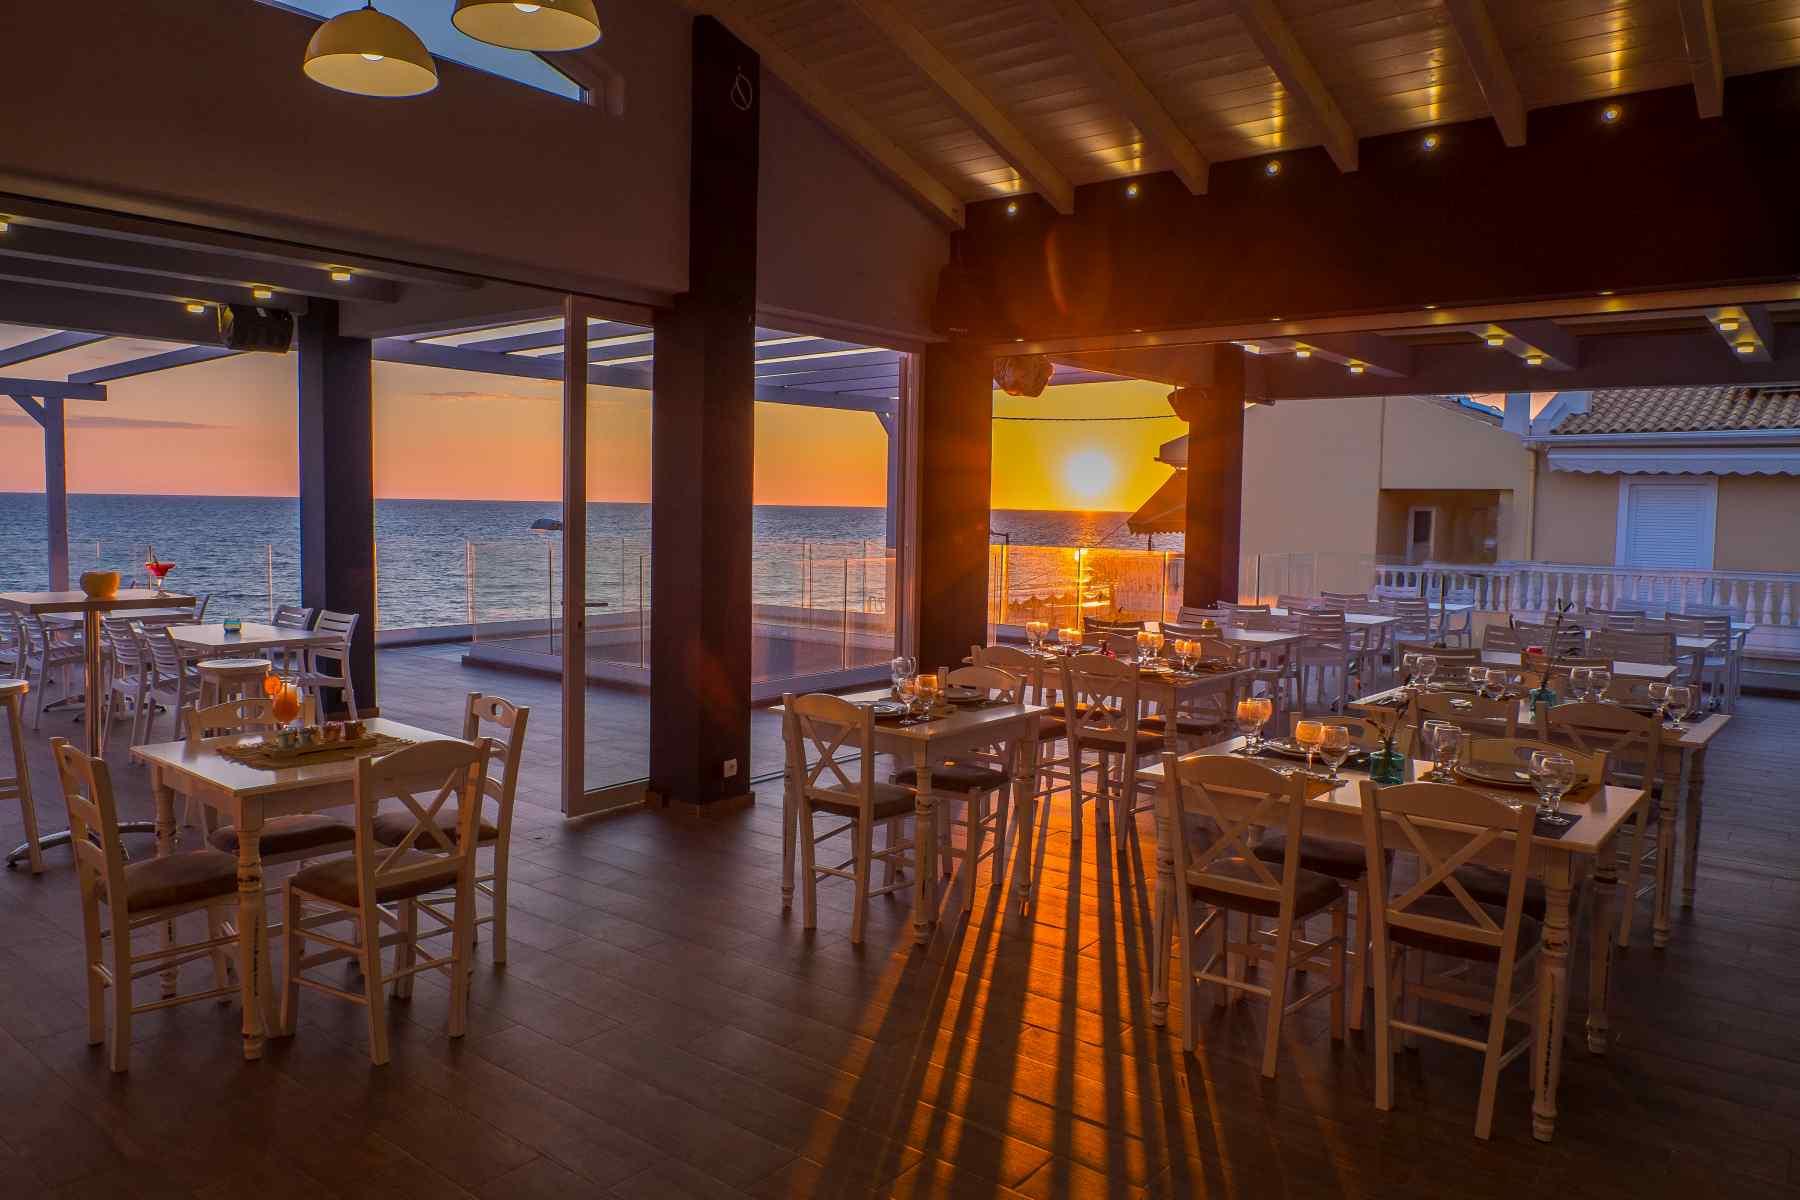 Must Boutique Hotel, Ξενοδοχείο στο Κανάλι Πρέβεζας, Μοναδική θέα από το εστιατόριο